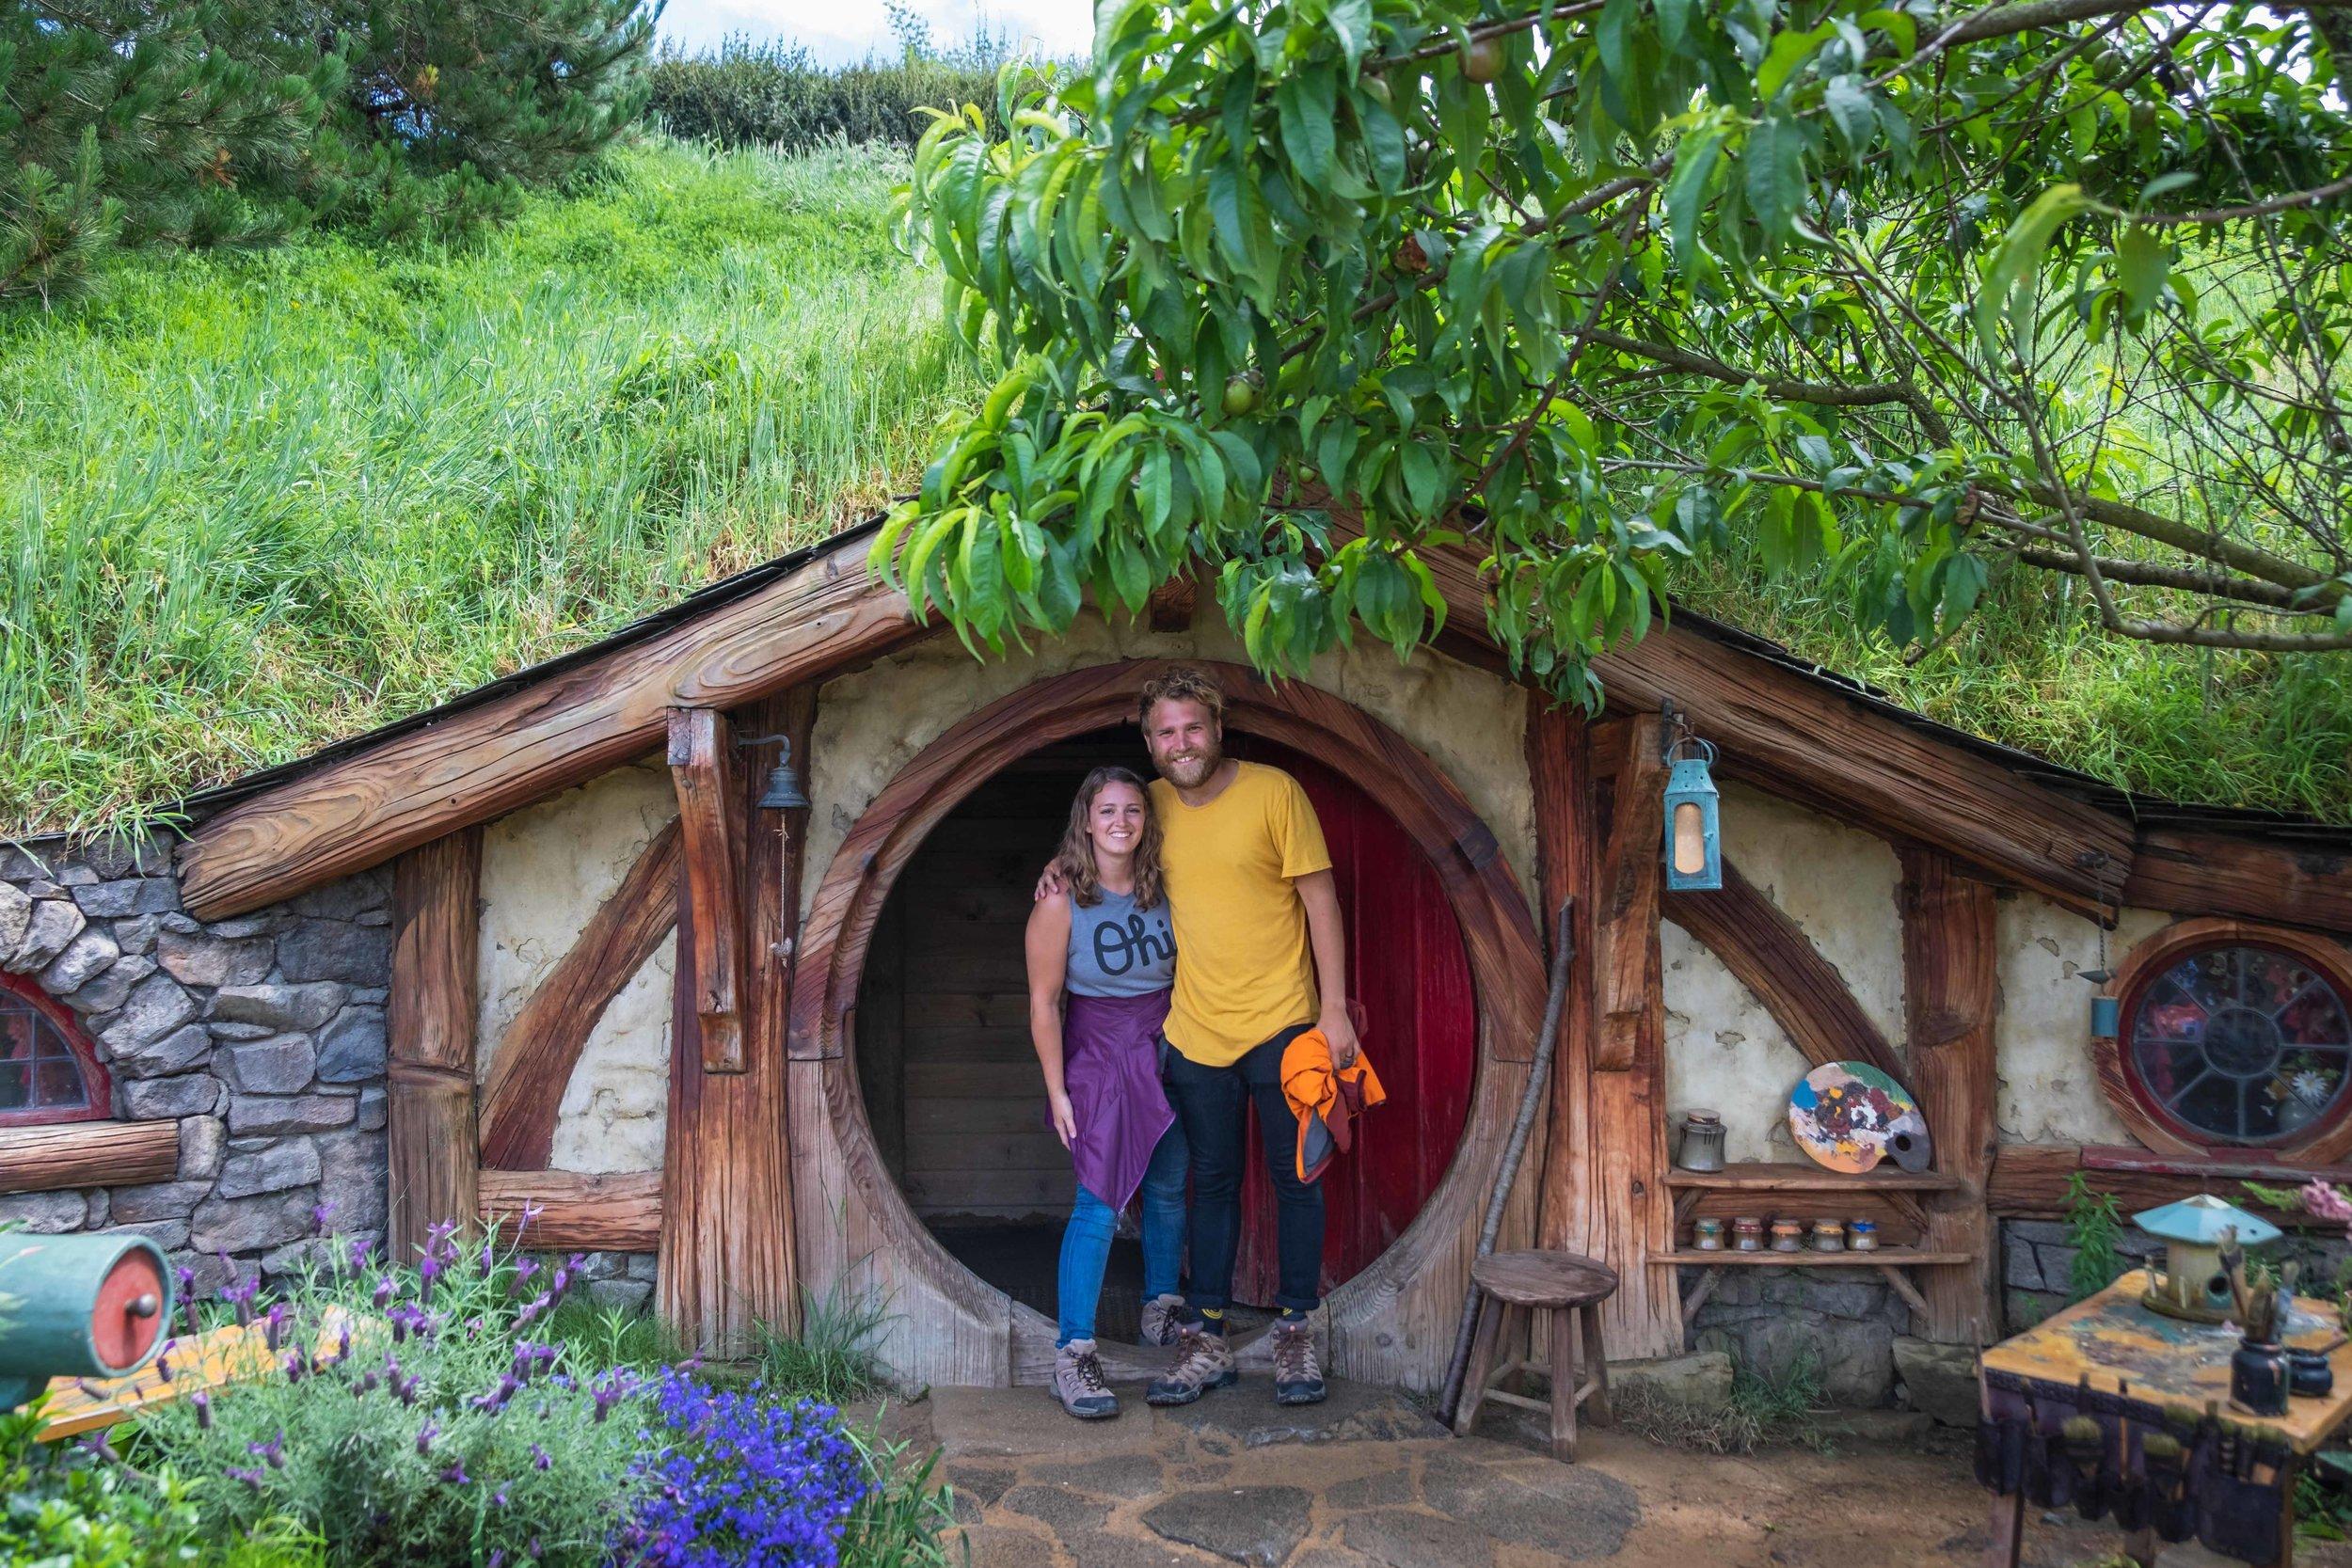 Us in a rando hobbit hole!